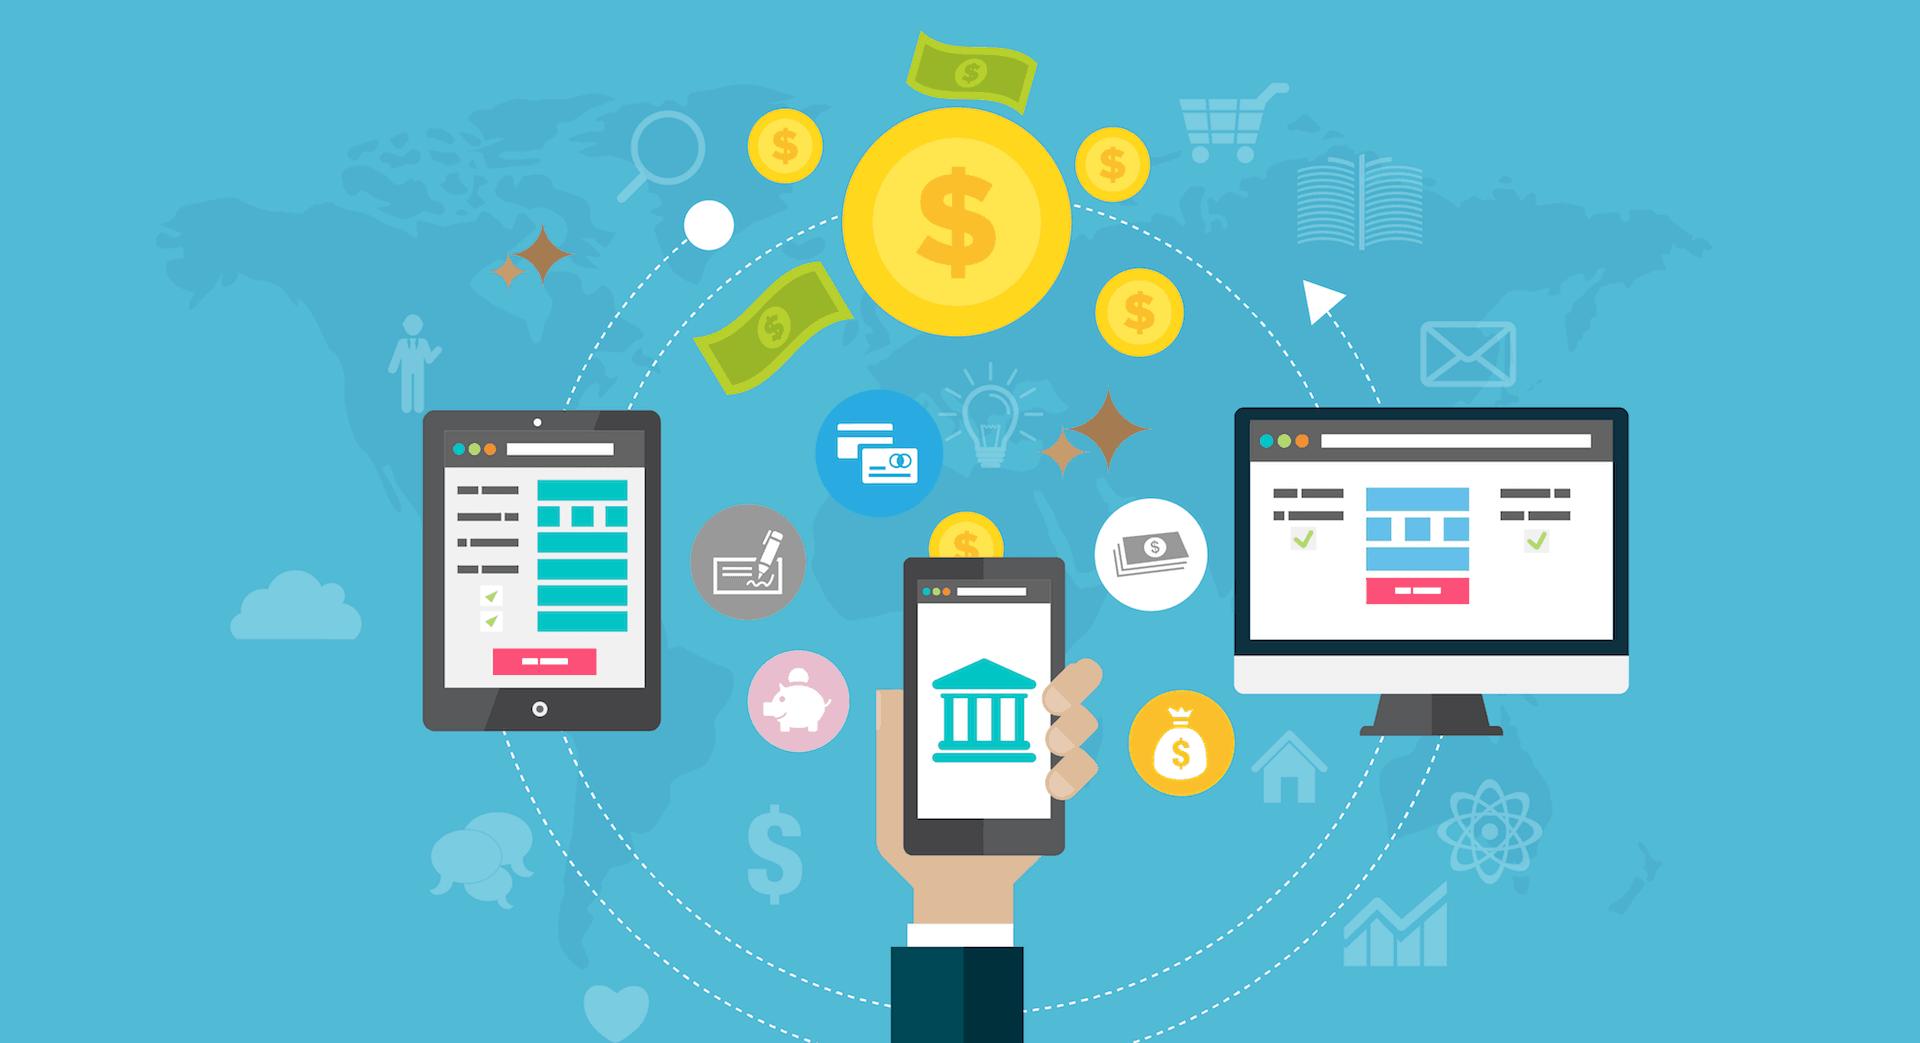 Ví điện tử là gì? Tác động thế nào đến Marketing trong tương lai?